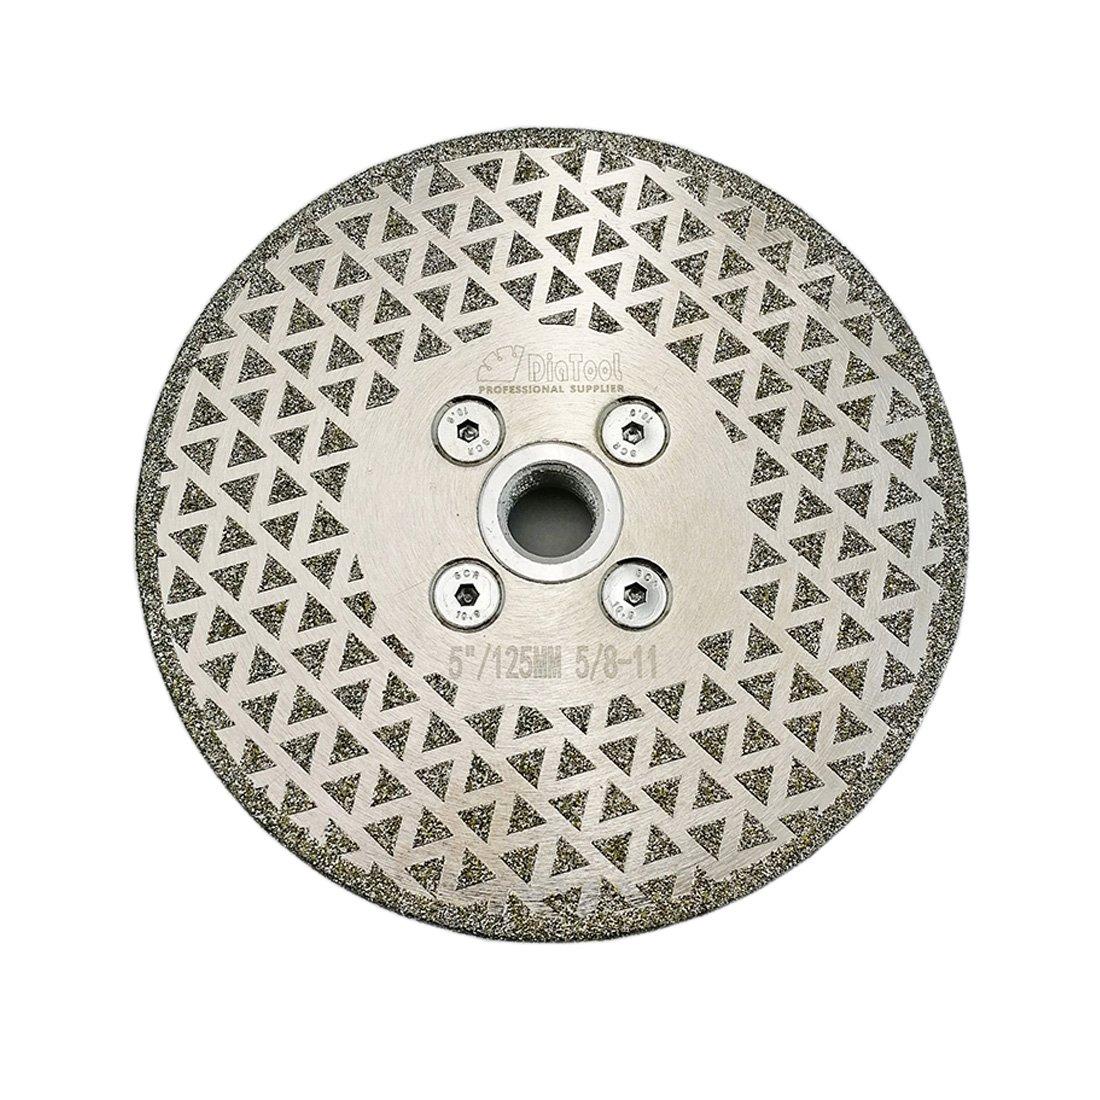 Disco de Diamante SHDIATOOL pulido de corte galvanizado de 5 pulg. para de 5/8-11 arbor de un solo recubrimiento para de